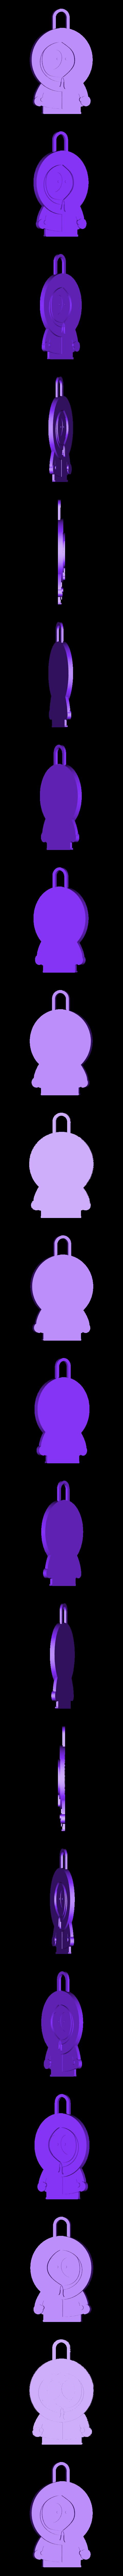 Kenny.stl Télécharger fichier STL gratuit Stan, Kyle, Kenny et Cartman - Personnages de South Park • Modèle à imprimer en 3D, ChaosCoreTech